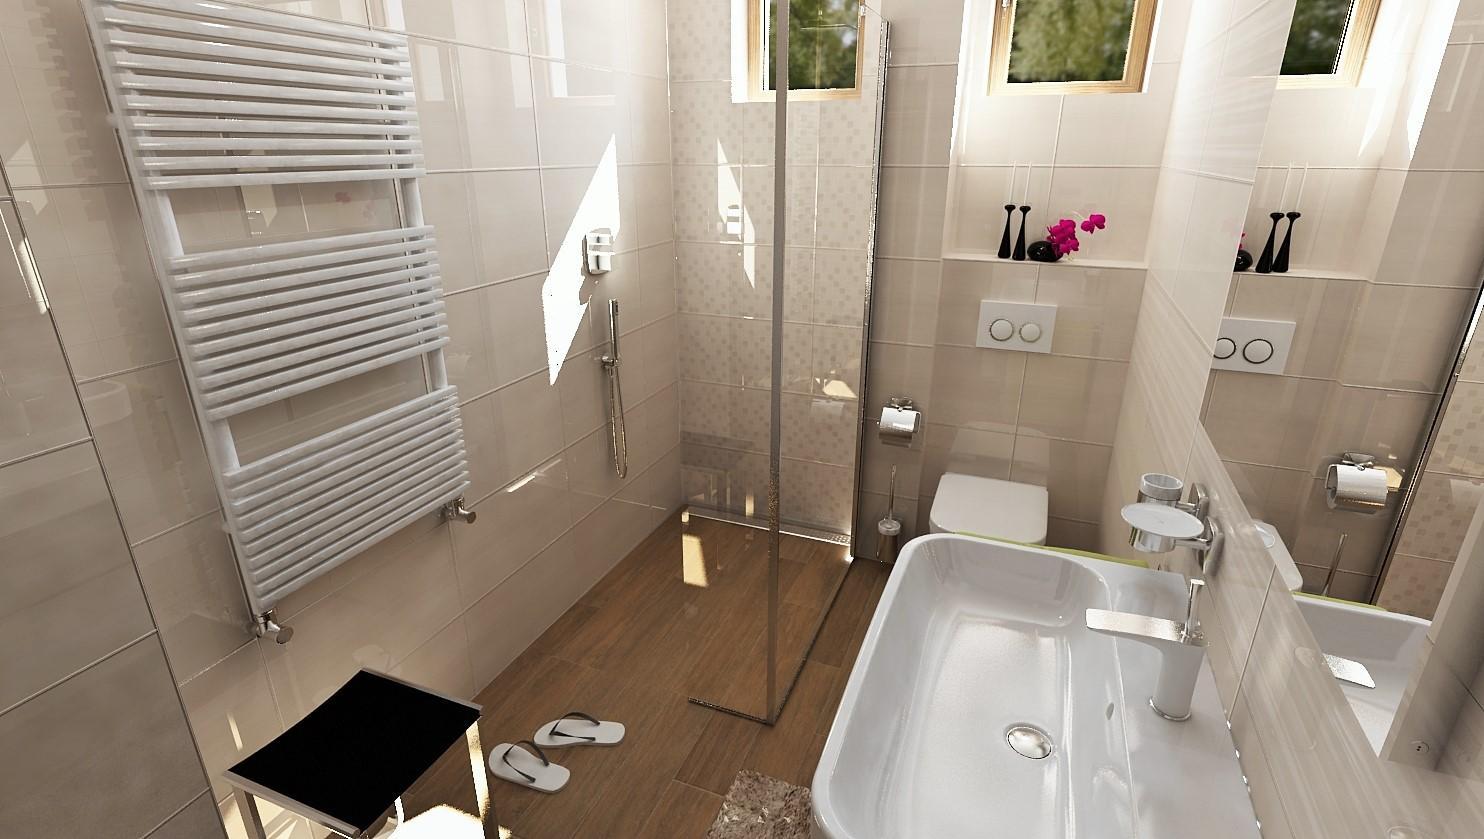 Návrhy a vizualizácie kúpeľní - Obrázok č. 11